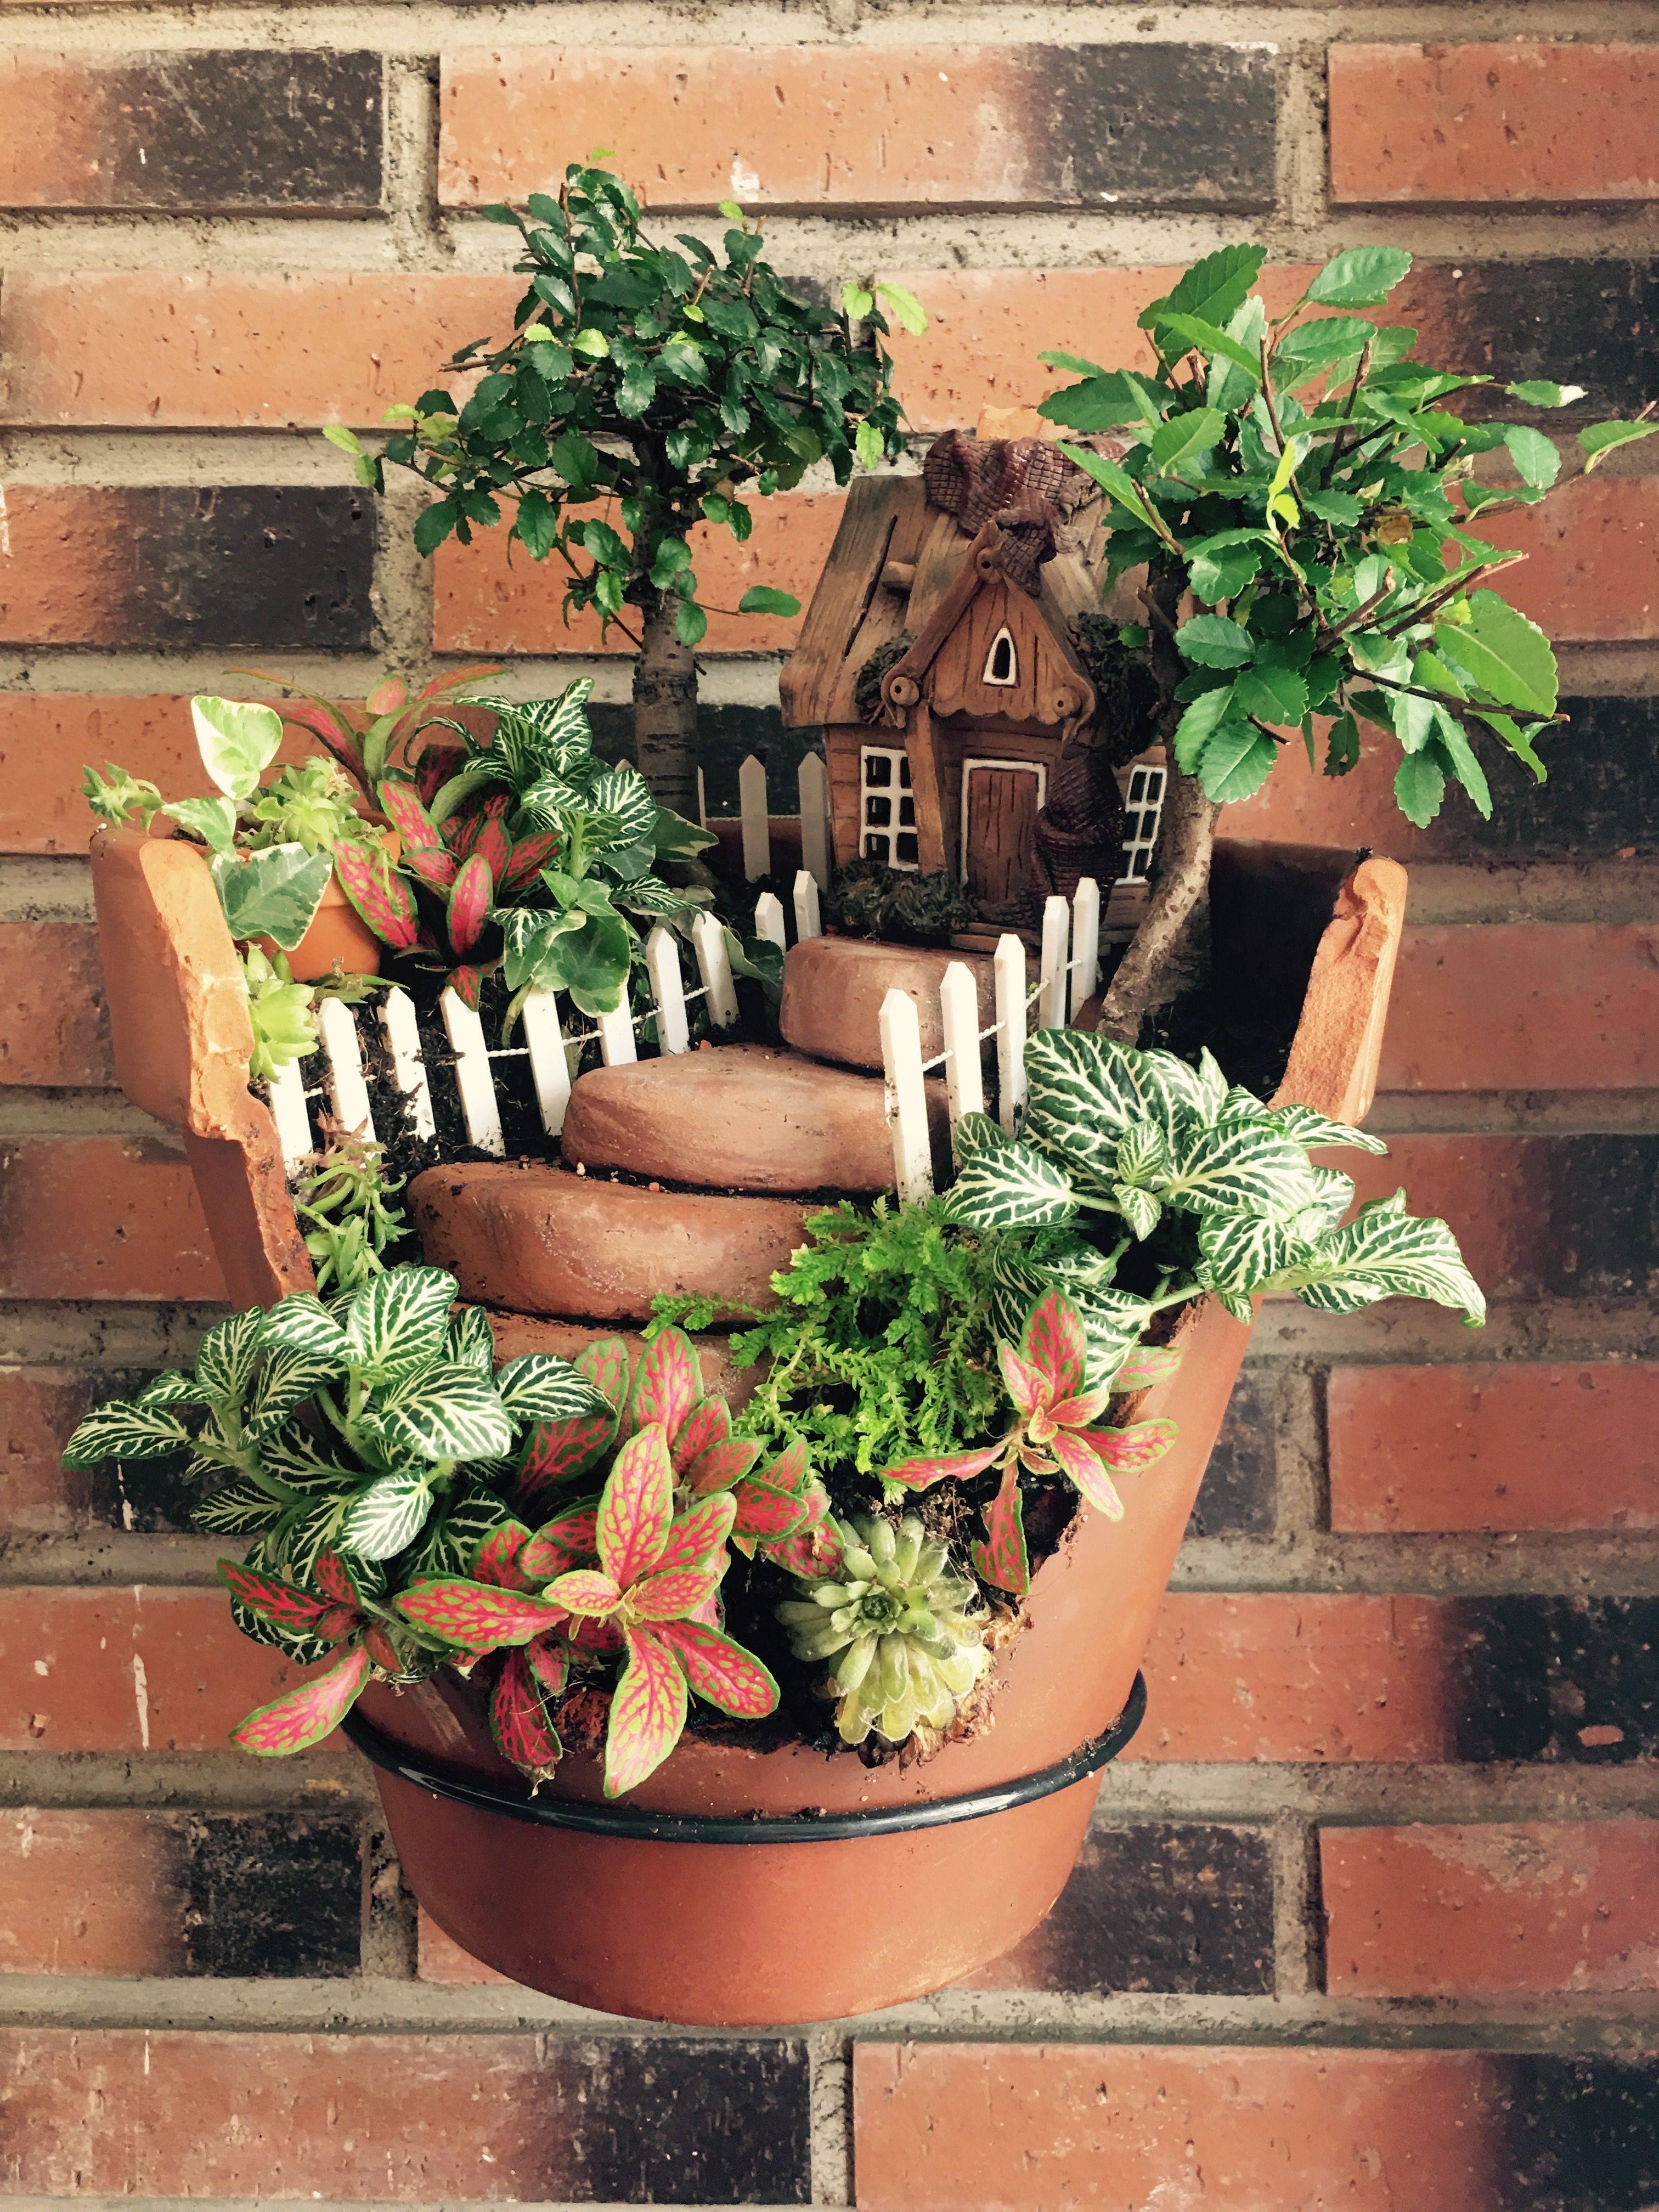 10 лучших комнатных растений для начинающих. уход в домашних условиях. фото — ботаничка.ru